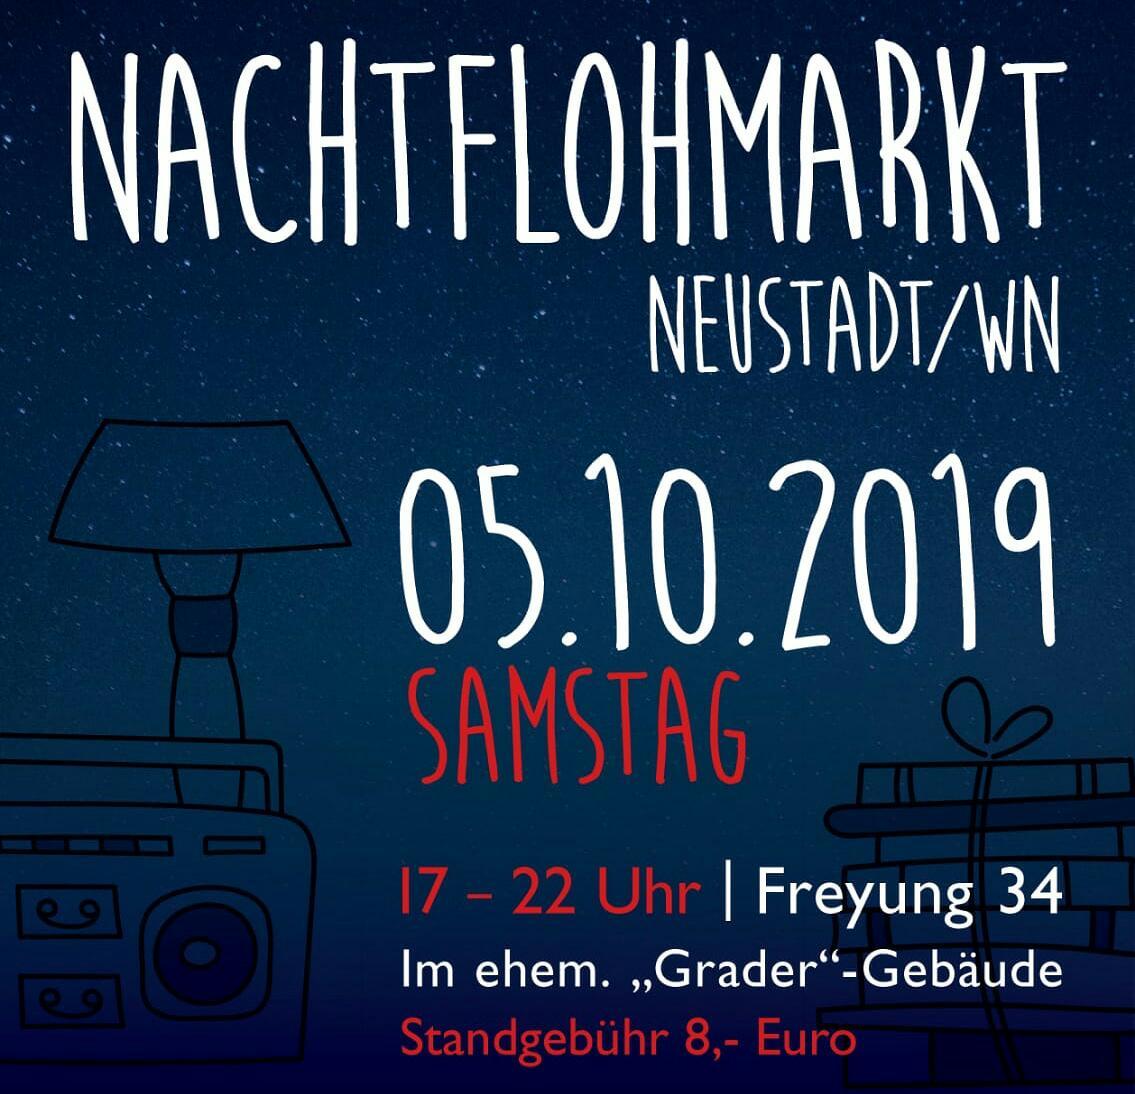 Der Neustädter Indoor-Nacht-Flohmarkt